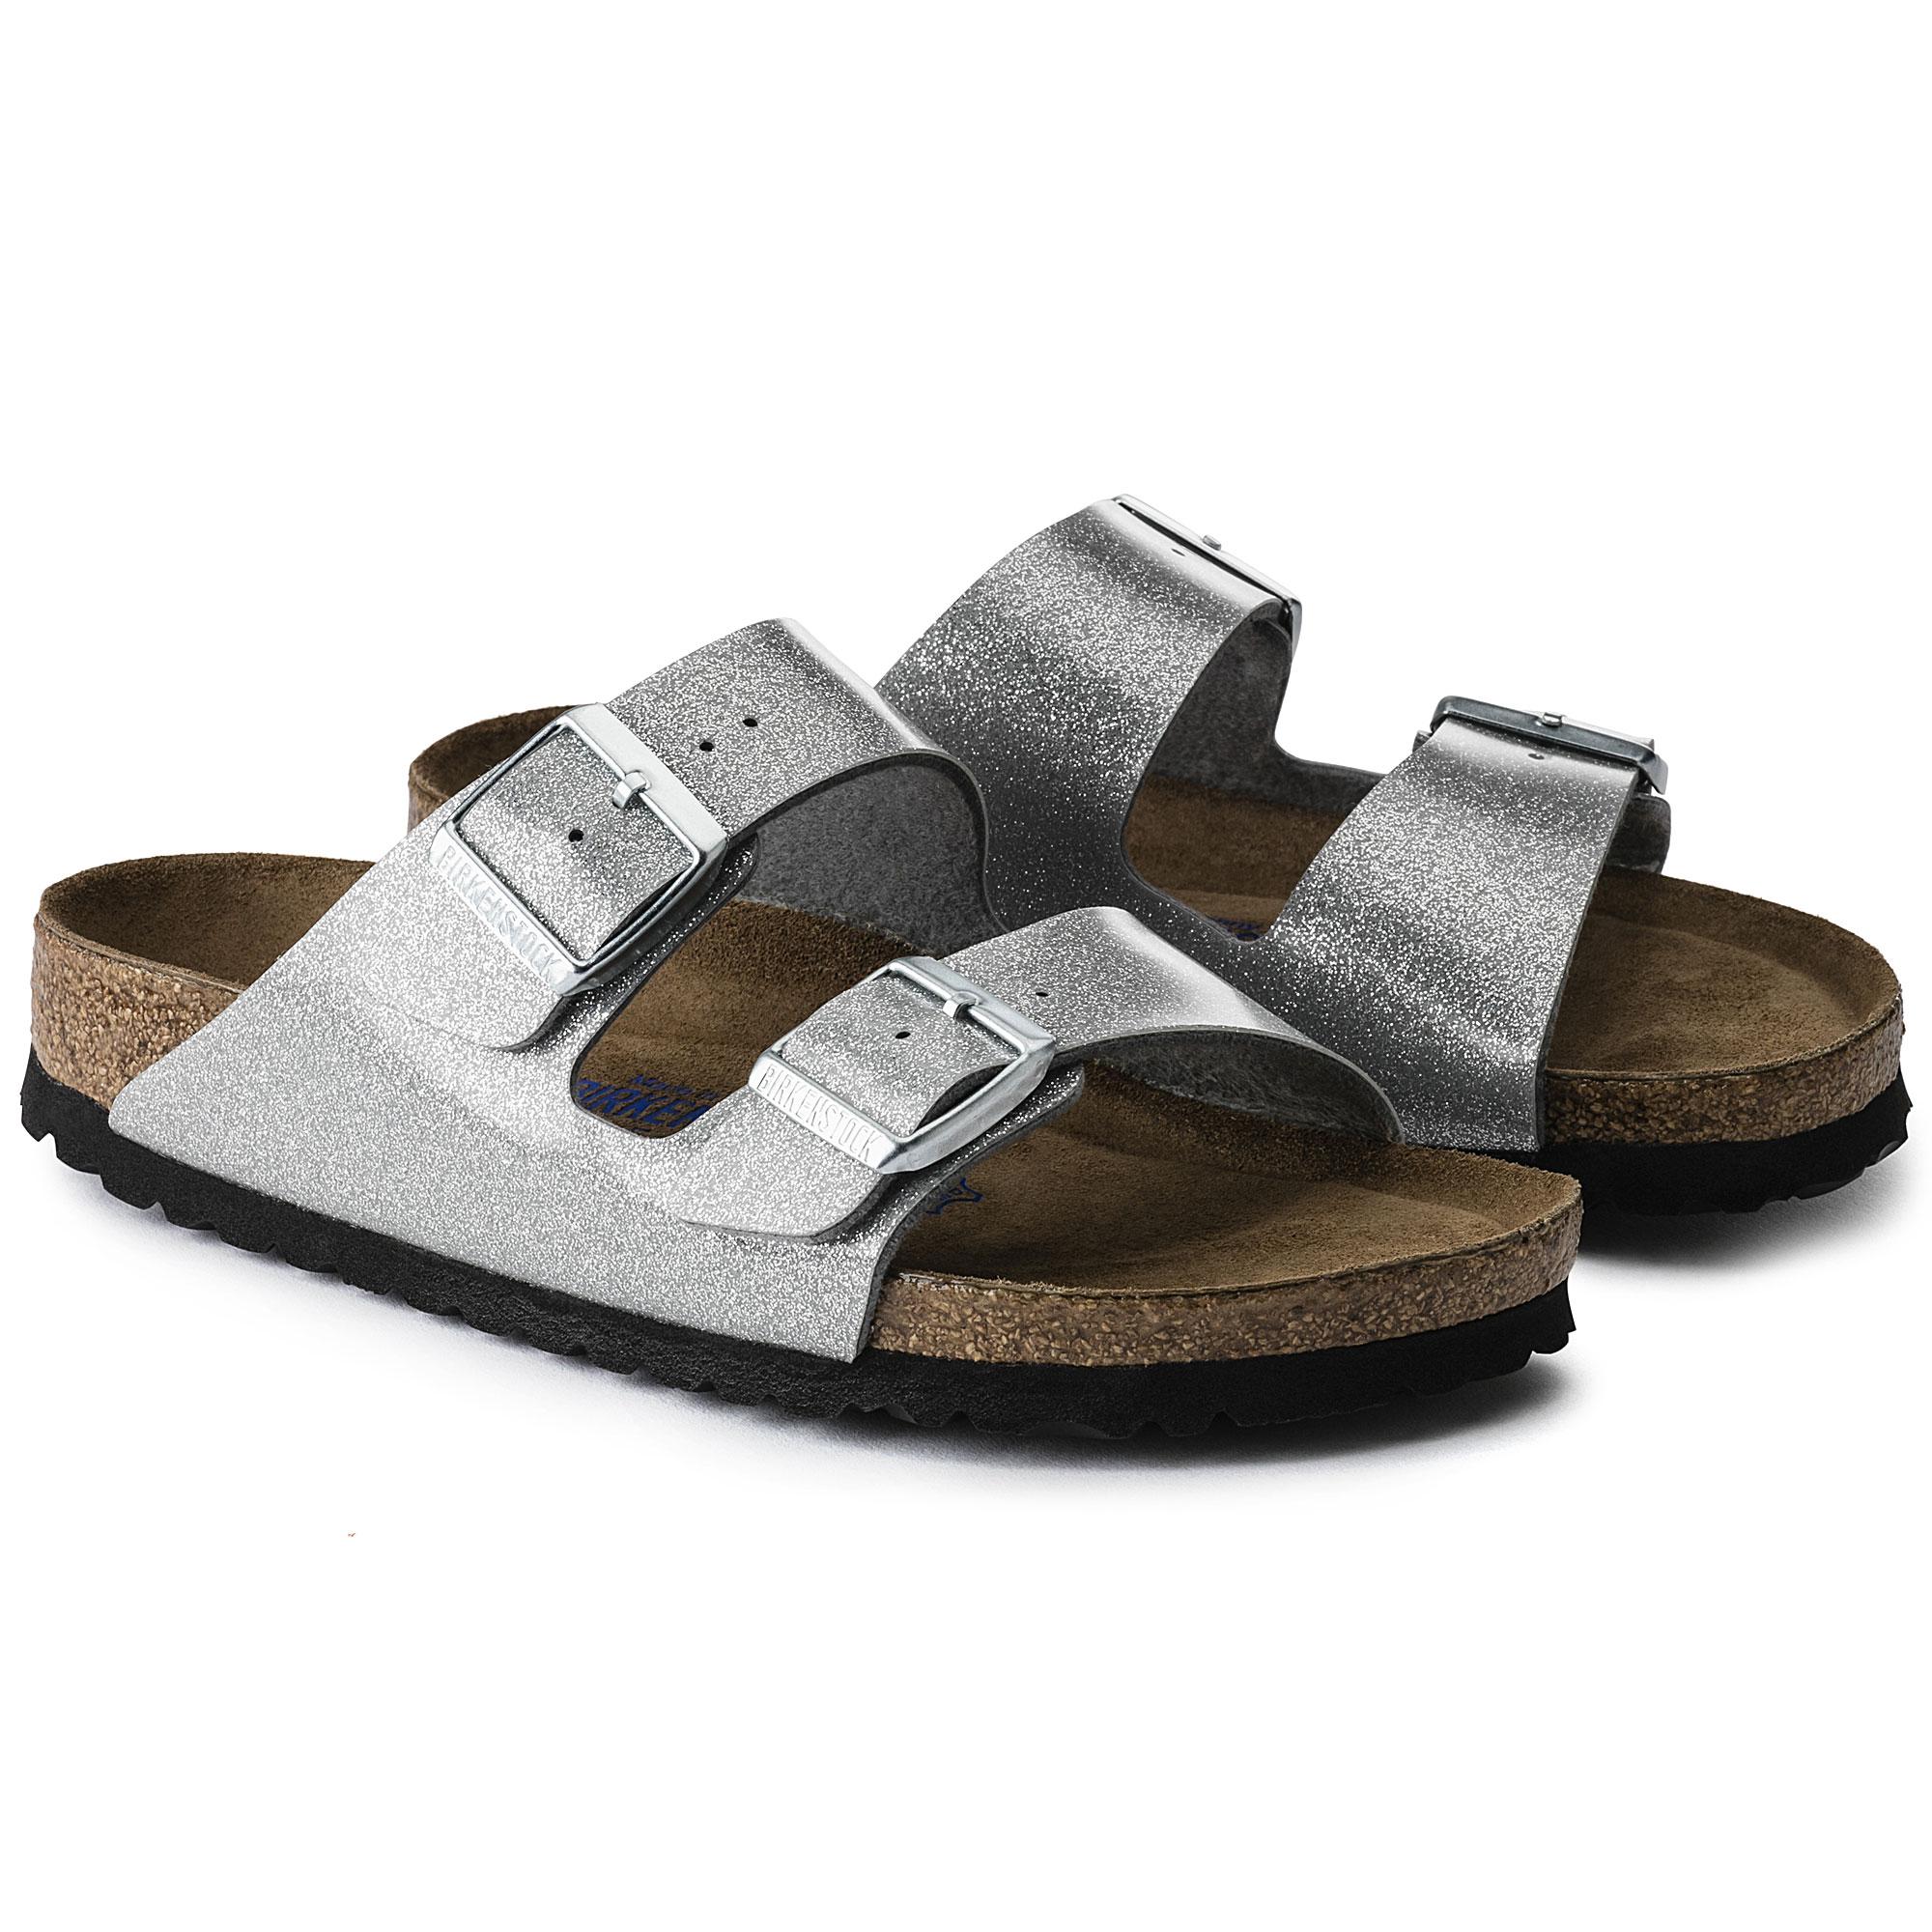 Birkenstock Arizona Birko Flor Sandals 2 Strap Slides Cork Footbed Mens Womens | eBay